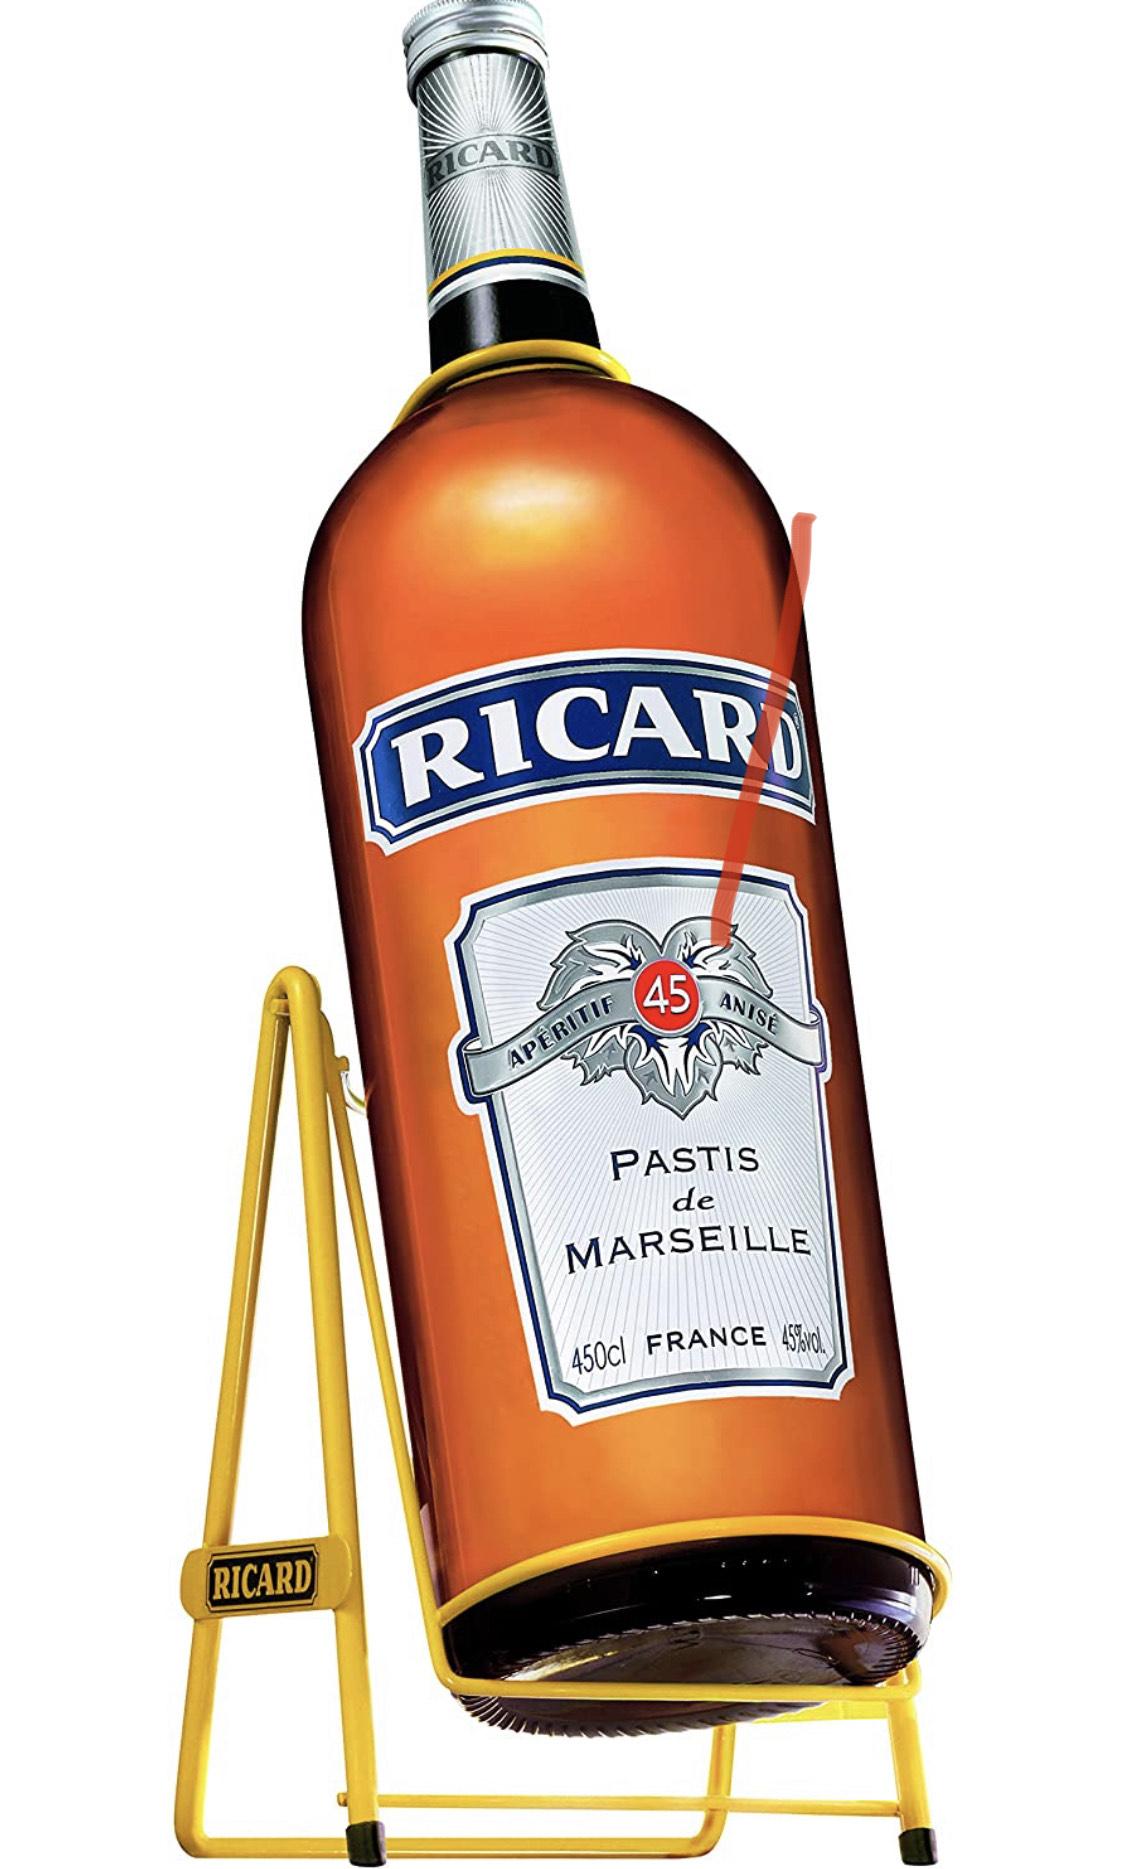 [Prime] Bouteille de pastis de Marseille Ricard - 4.5 L + Balancelle